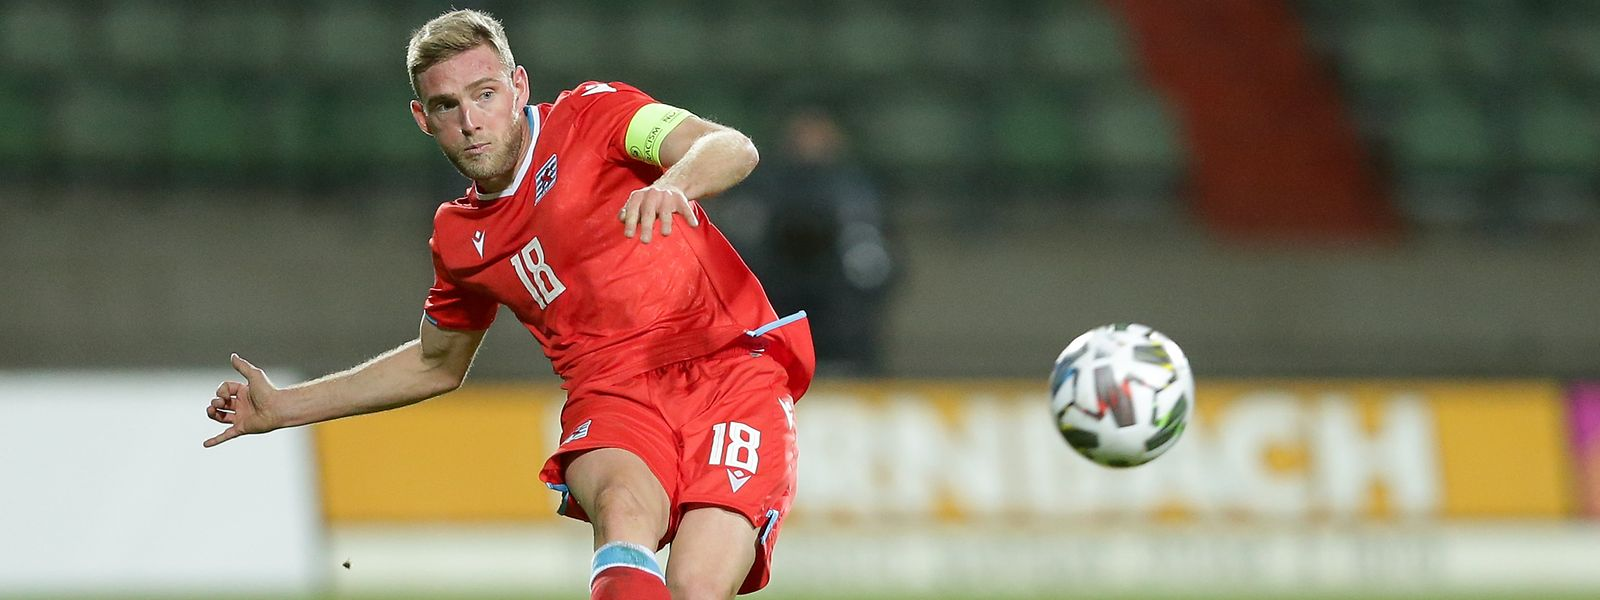 Laurent Jans ist in der Nations League einer der besten Luxemburger.